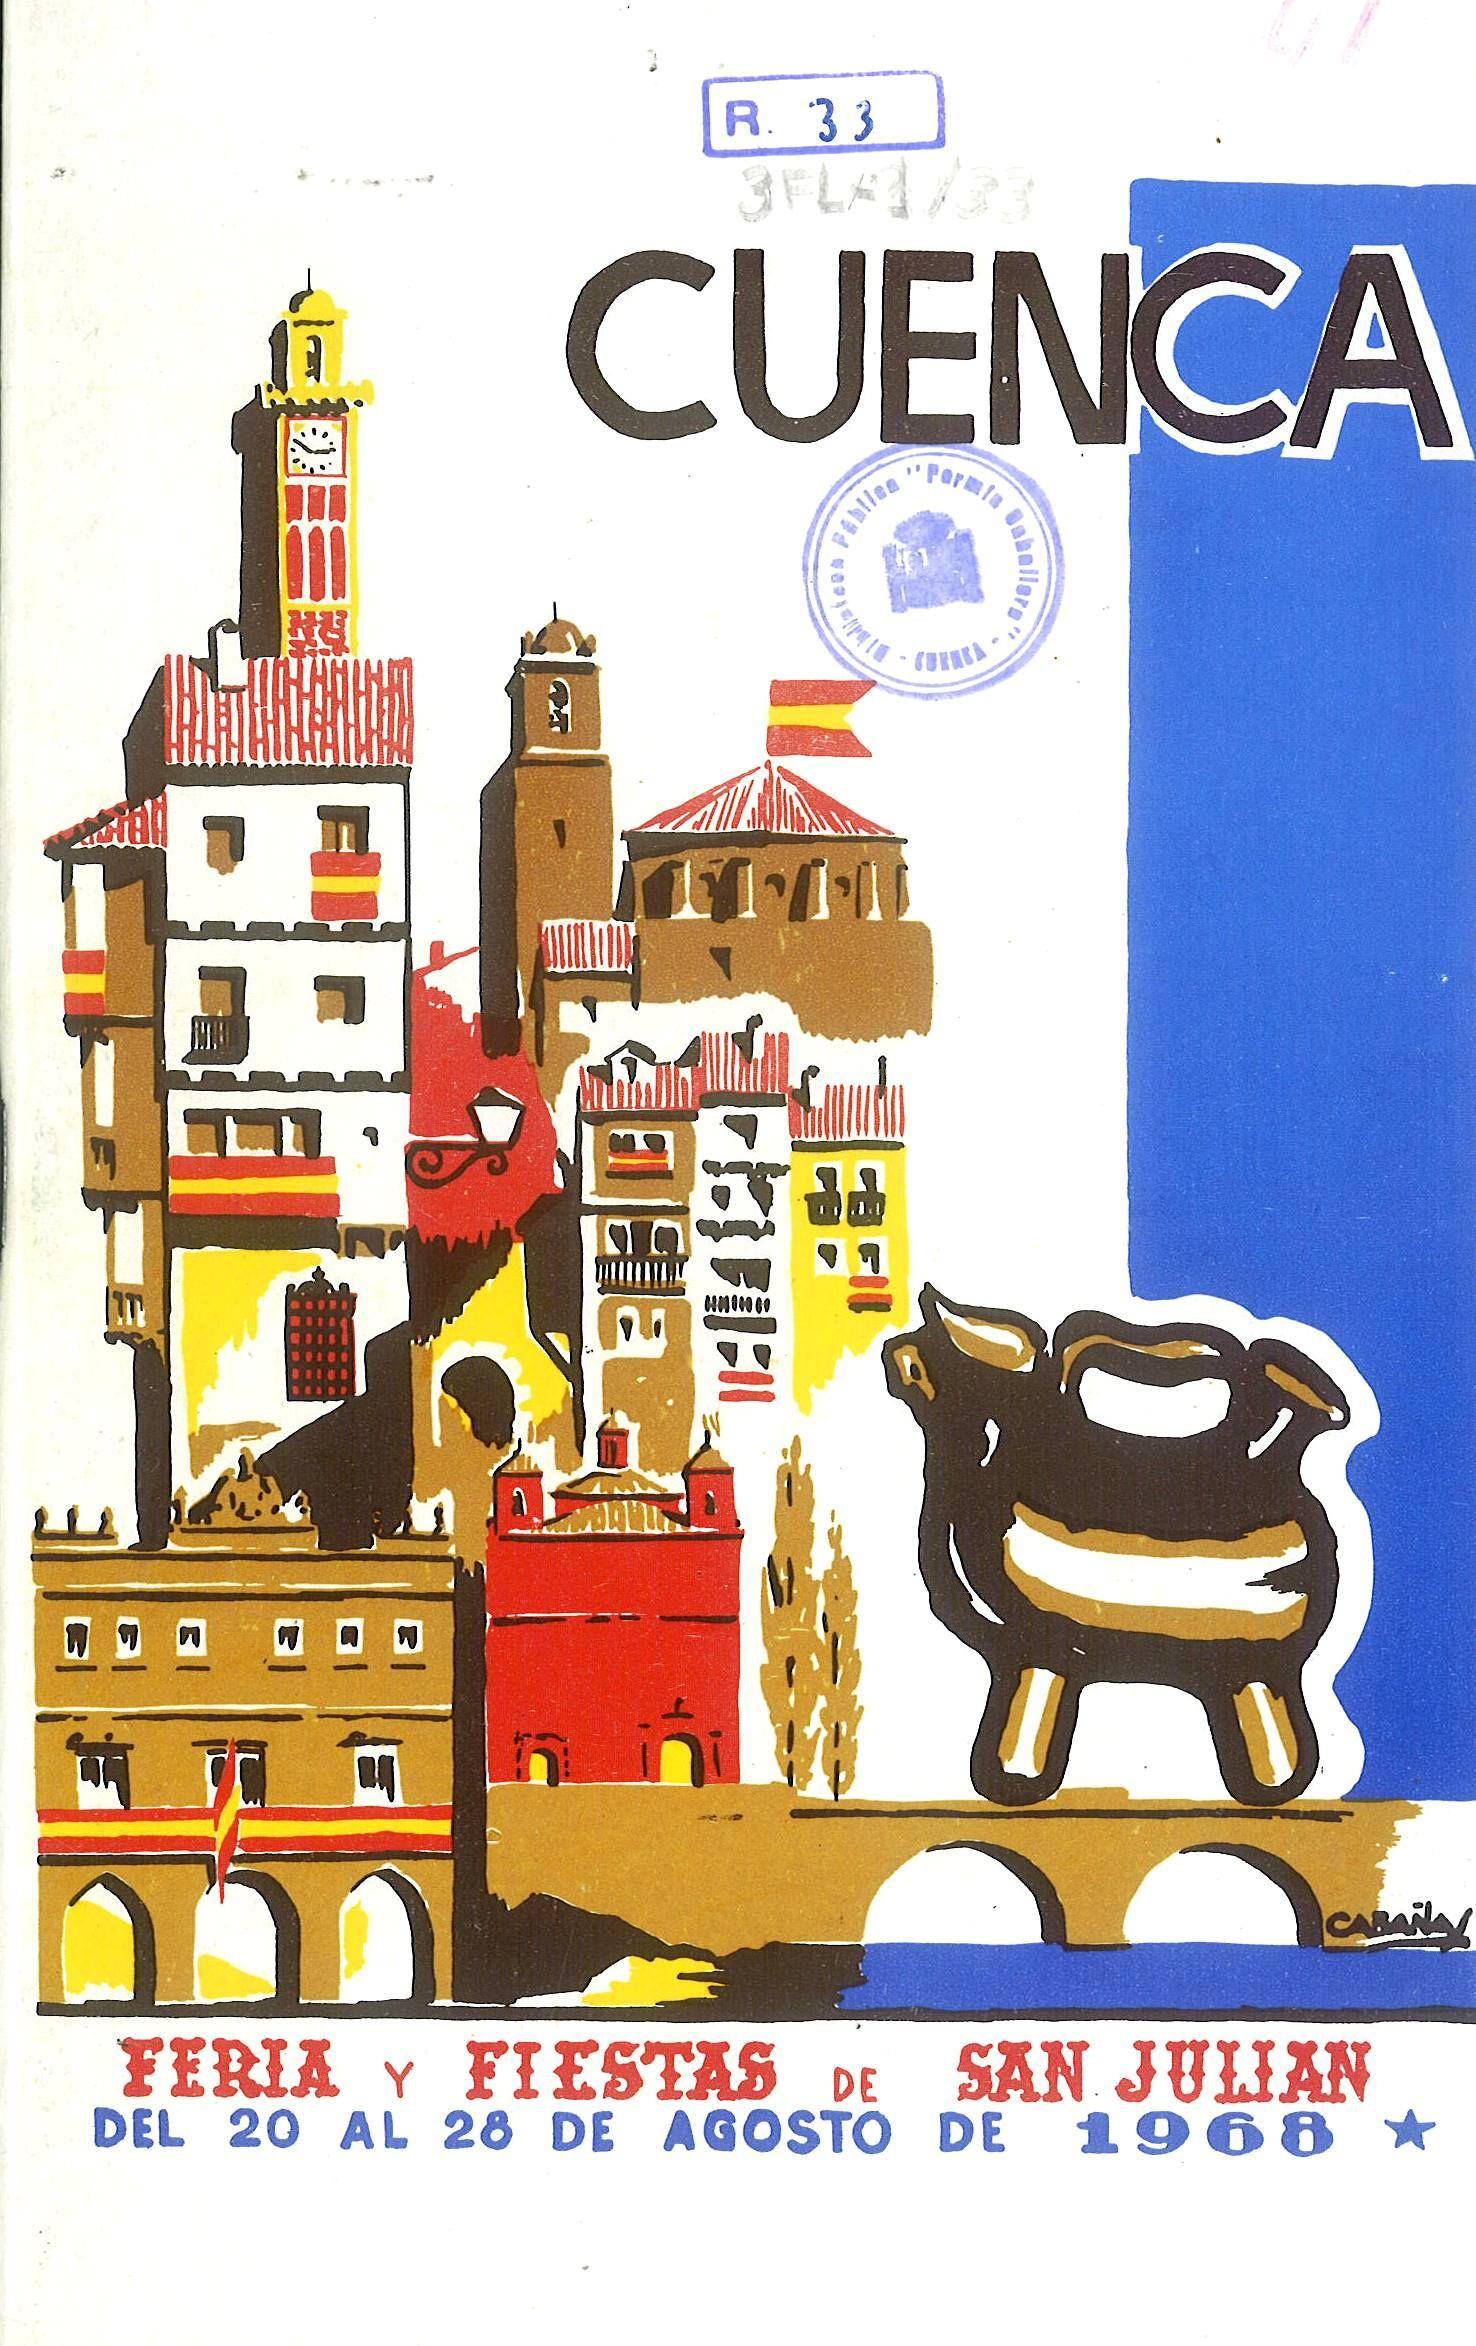 San Julián 1968 Programa de las Fiestas de San Julián de 1968, 20 al 29 de agosto El día 19 en la Casa de Cultura se pronuncia el pregón a cargo de Luis Gómez Aranda